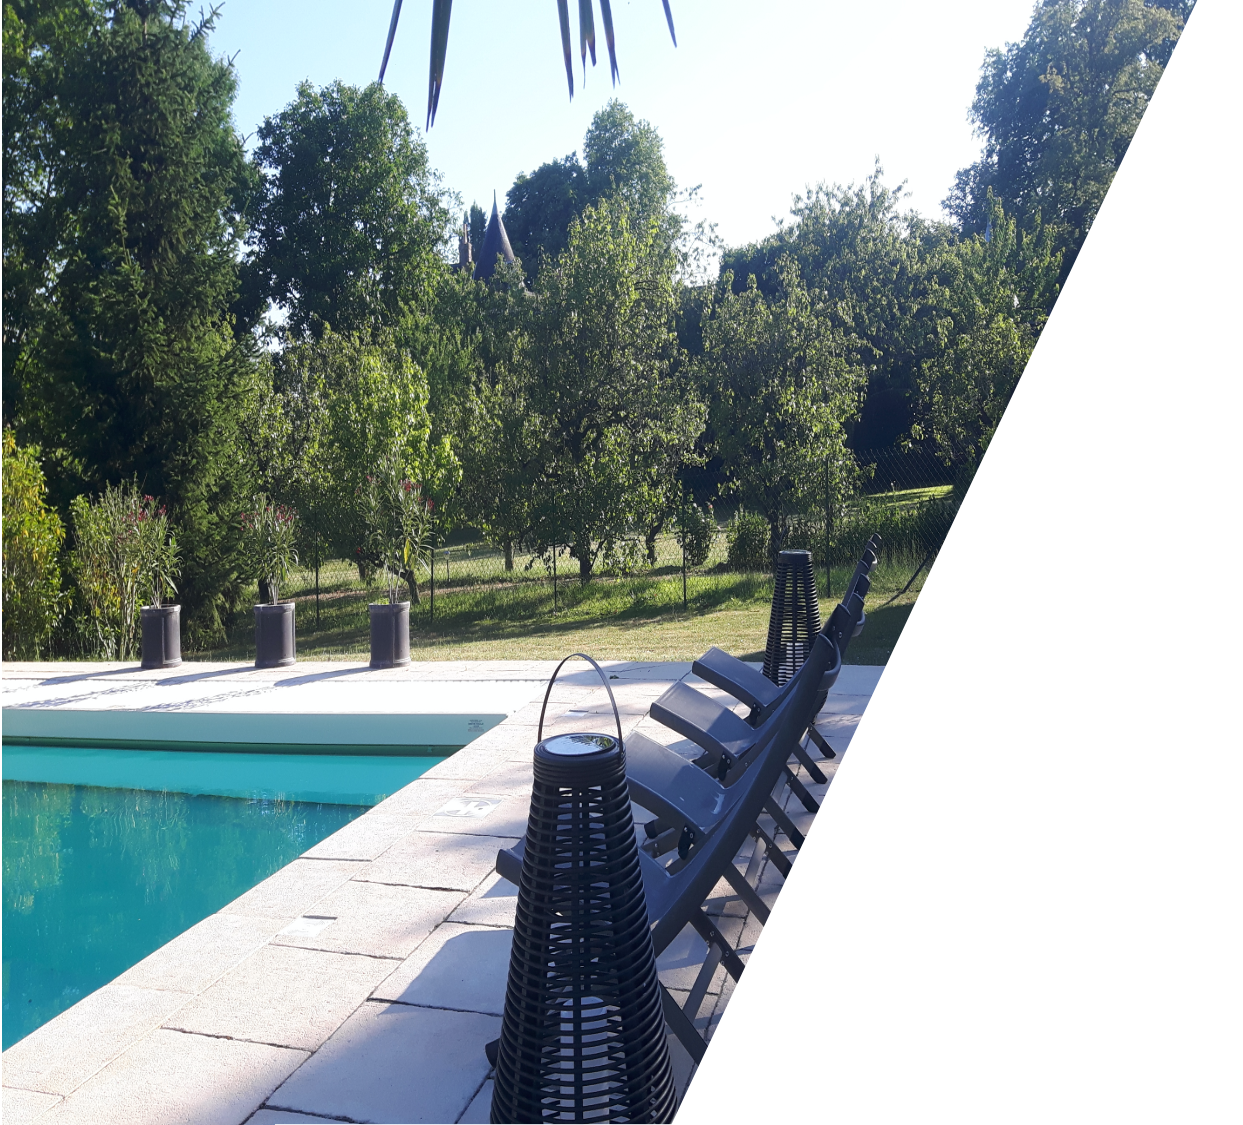 swimmingpool_guestshouse_24h_lemans_castel